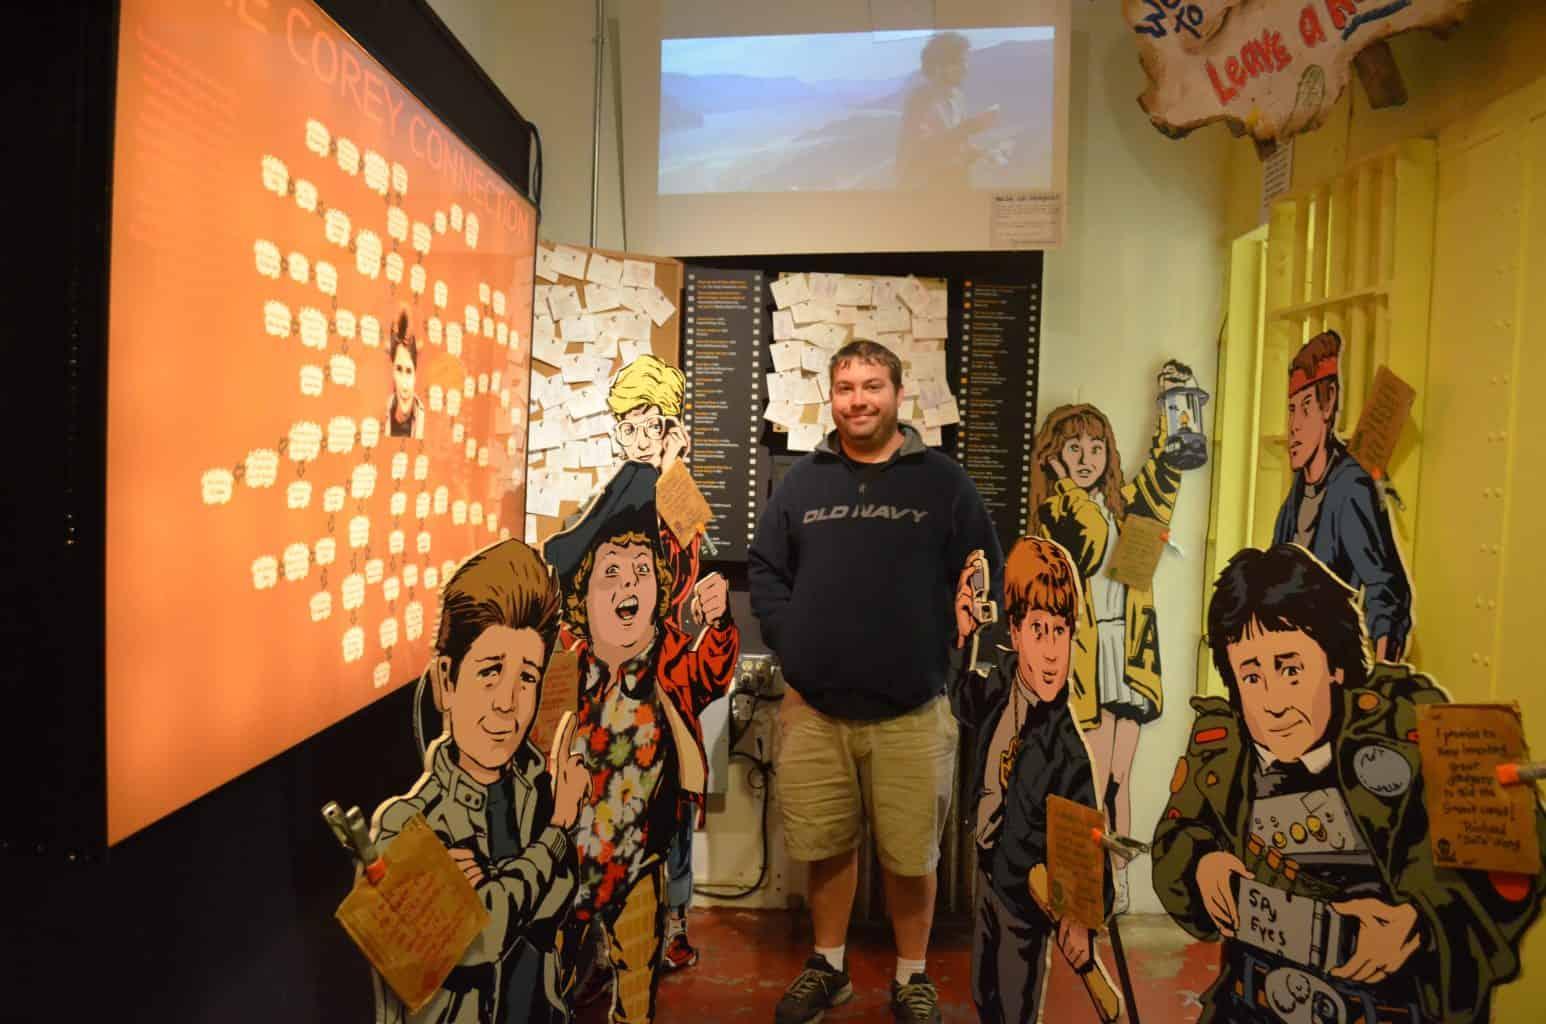 Goonies film museum Astoria Oregon